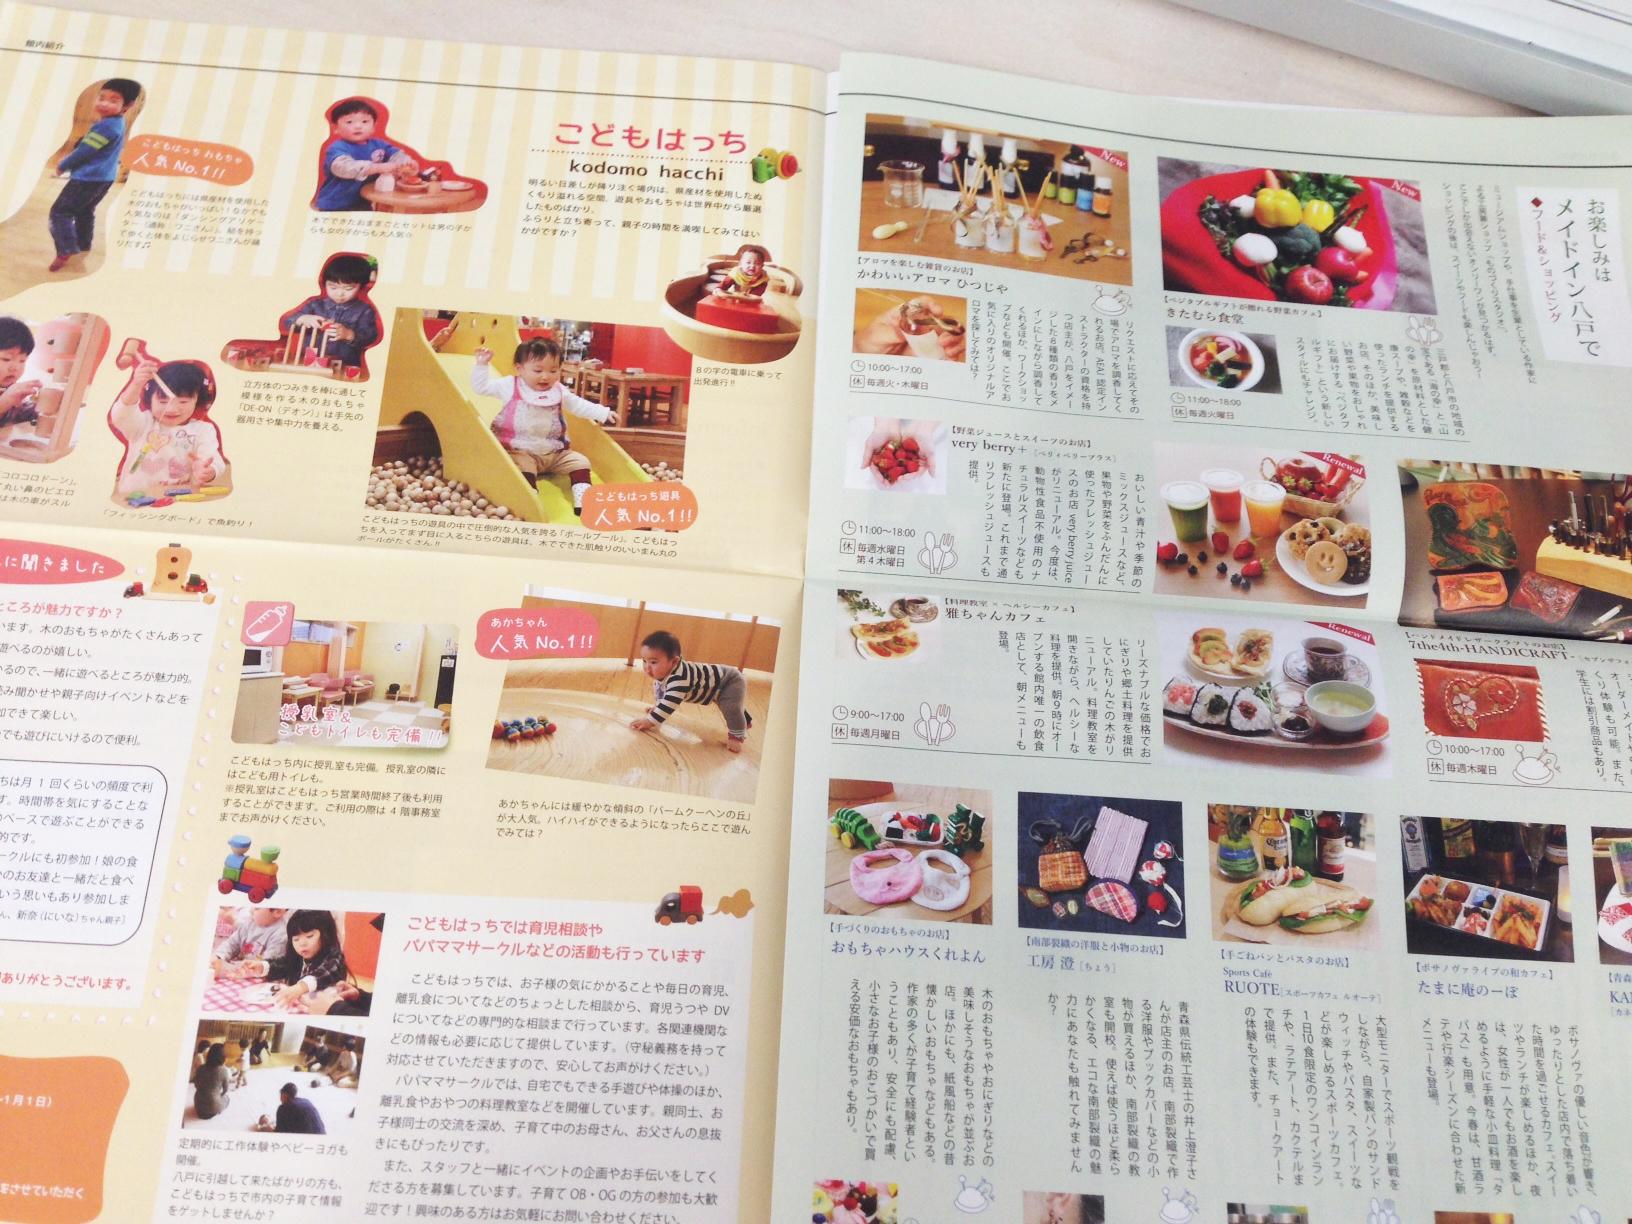 http://hacchi.jp/blog/upload/images/20140327_4.jpg